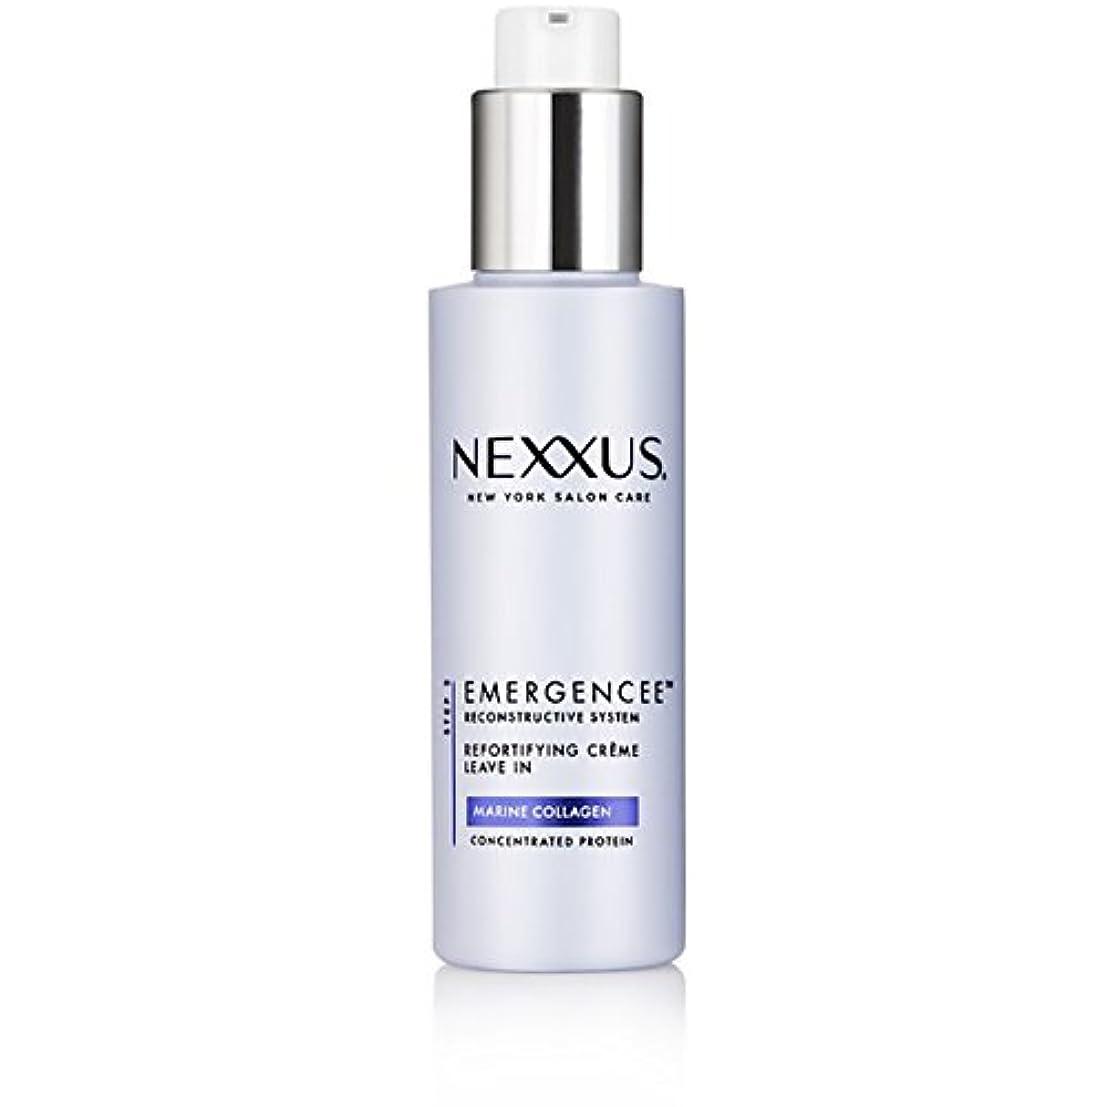 シエスタ積極的に男Nexxus Emergenceeはダメージを受けた髪のためにクリーム状にしておきます、150 ml